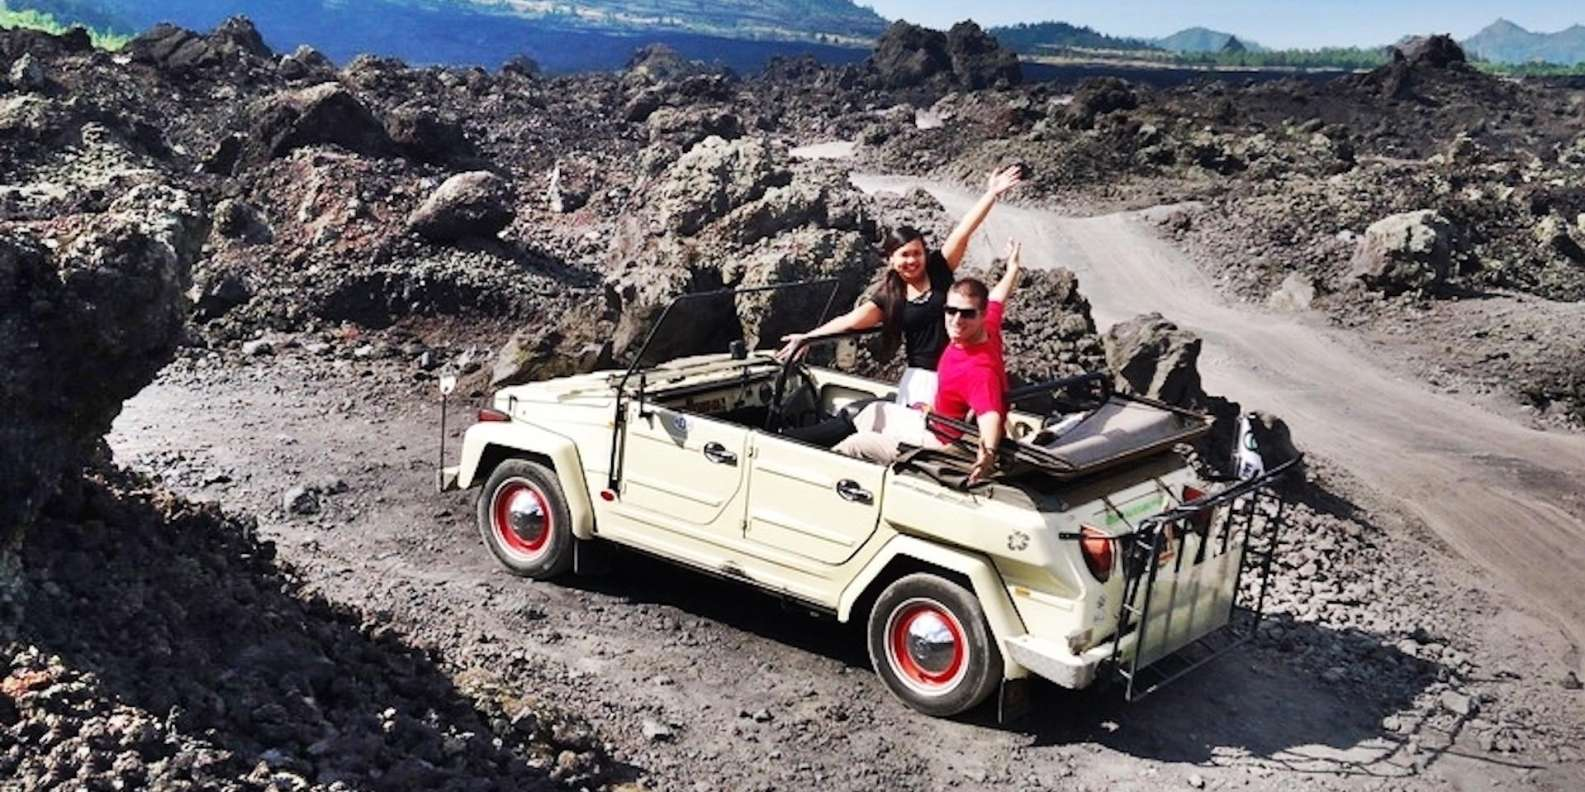 Mount Batur Private Volkswagen Jeep Volcano Safari Getyourguide